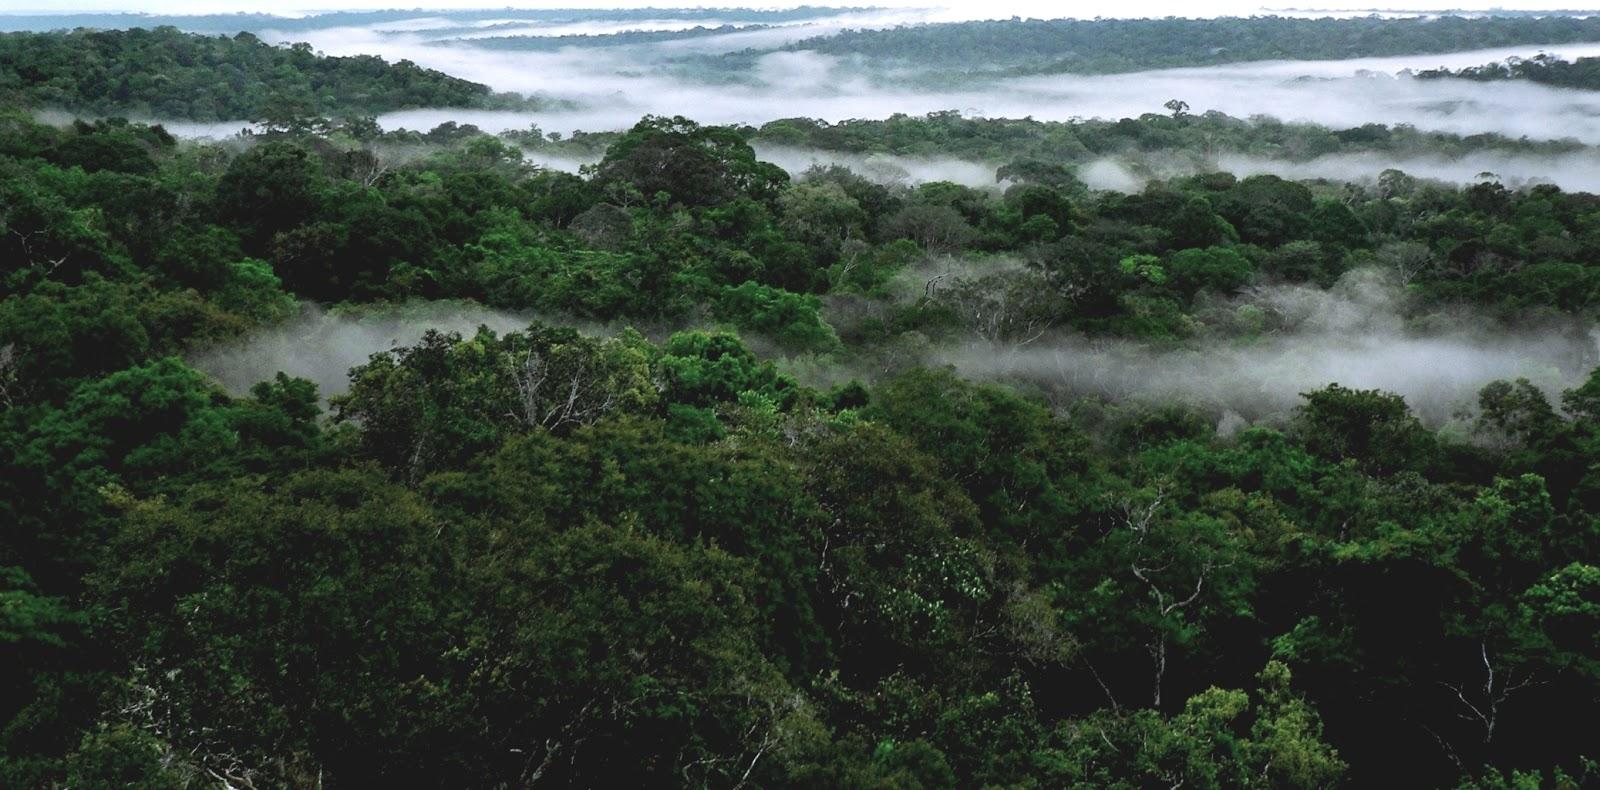 A floresta evapora e esse vapor se  transforma em nuvens